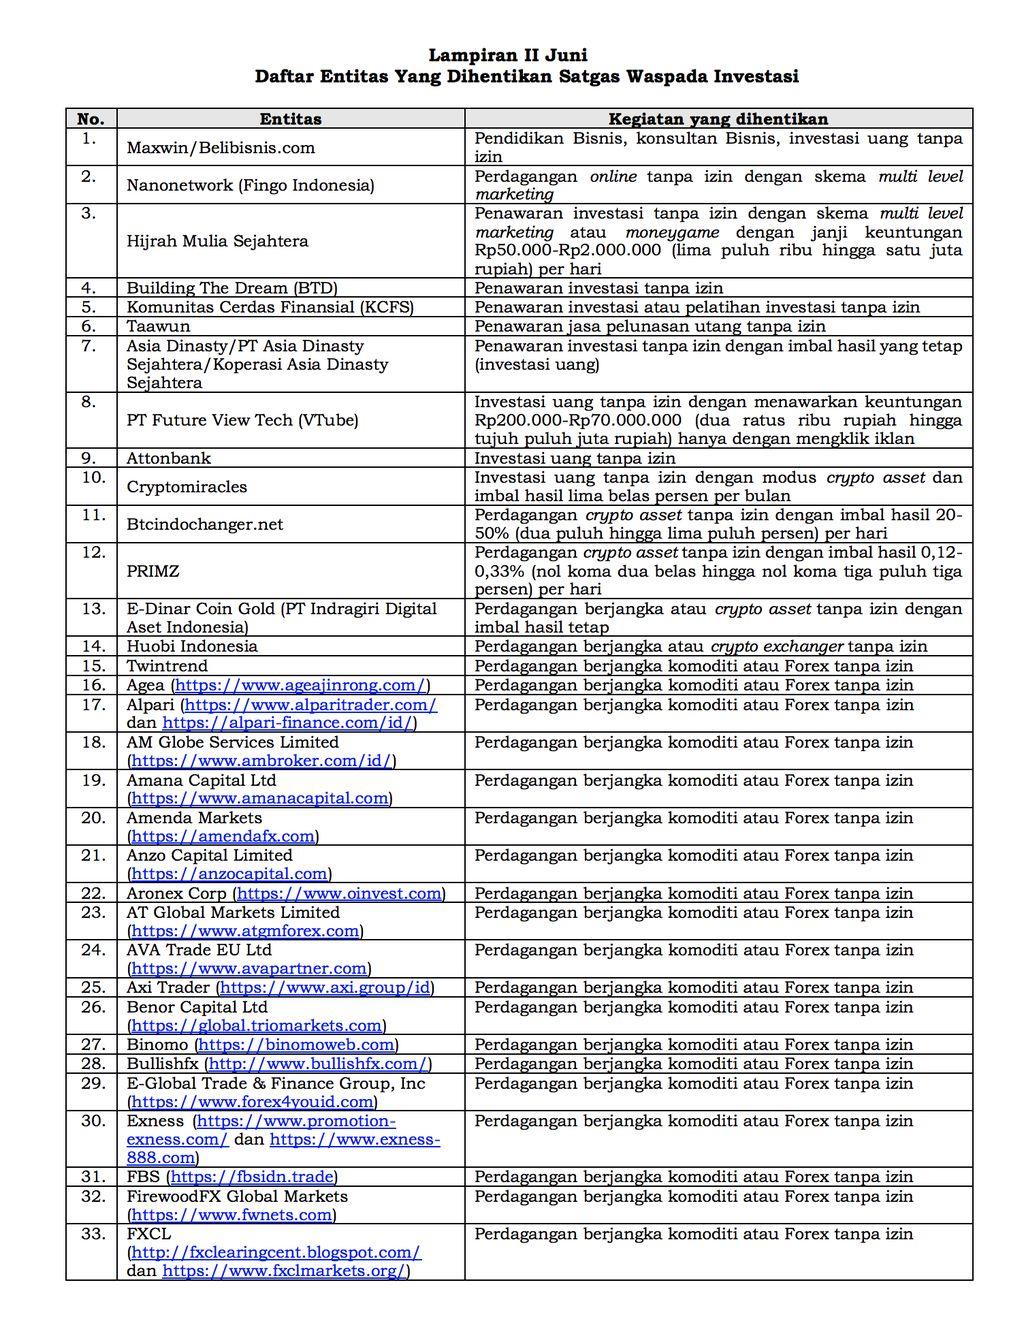 Daftar Entitas Yang Dihentikan Satgas Waspada Investasi Hal 1